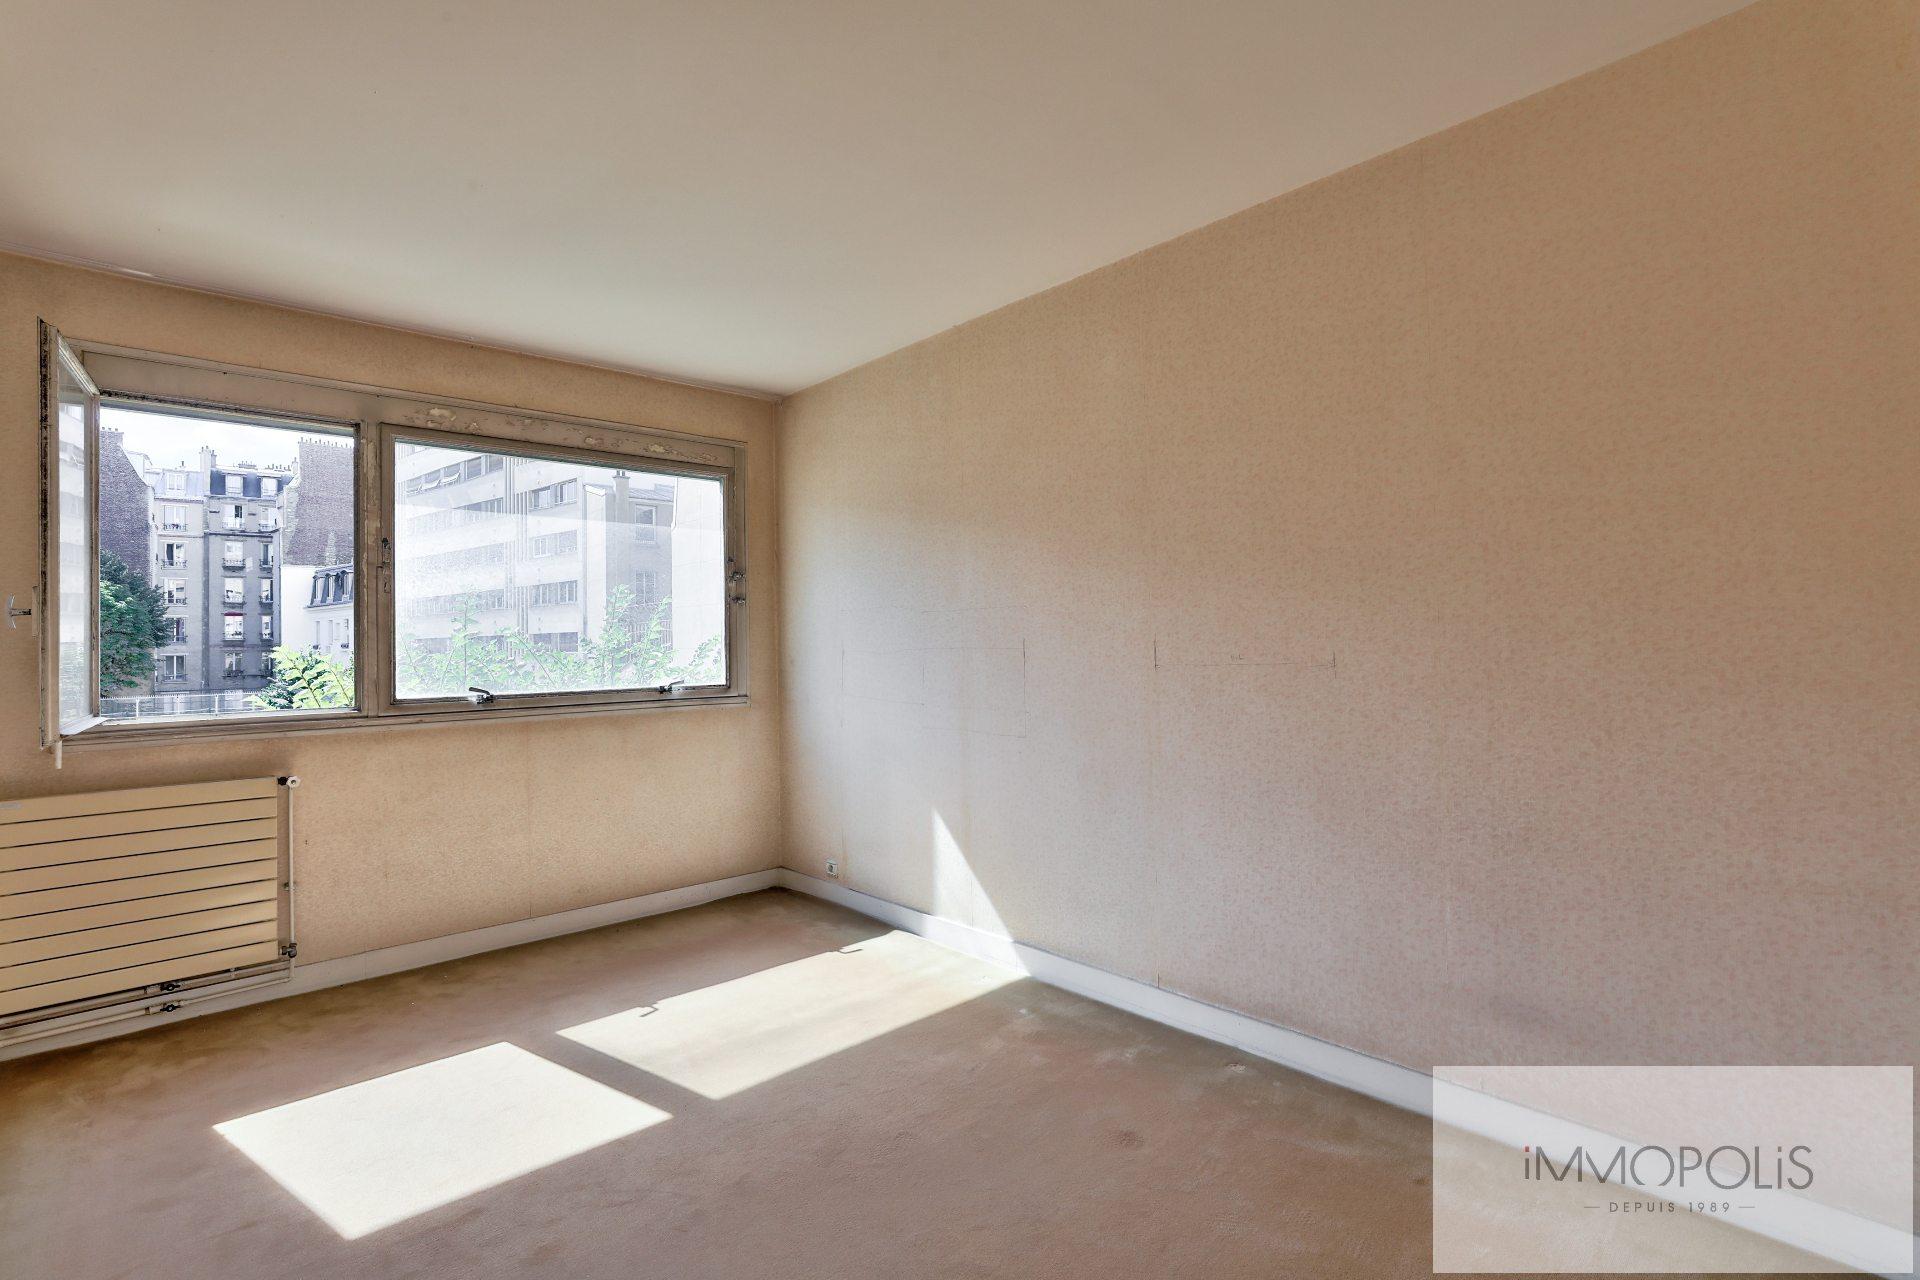 Appartement de 4 pièces à rafraichir – Avenue de Saxe – Paris VII 5